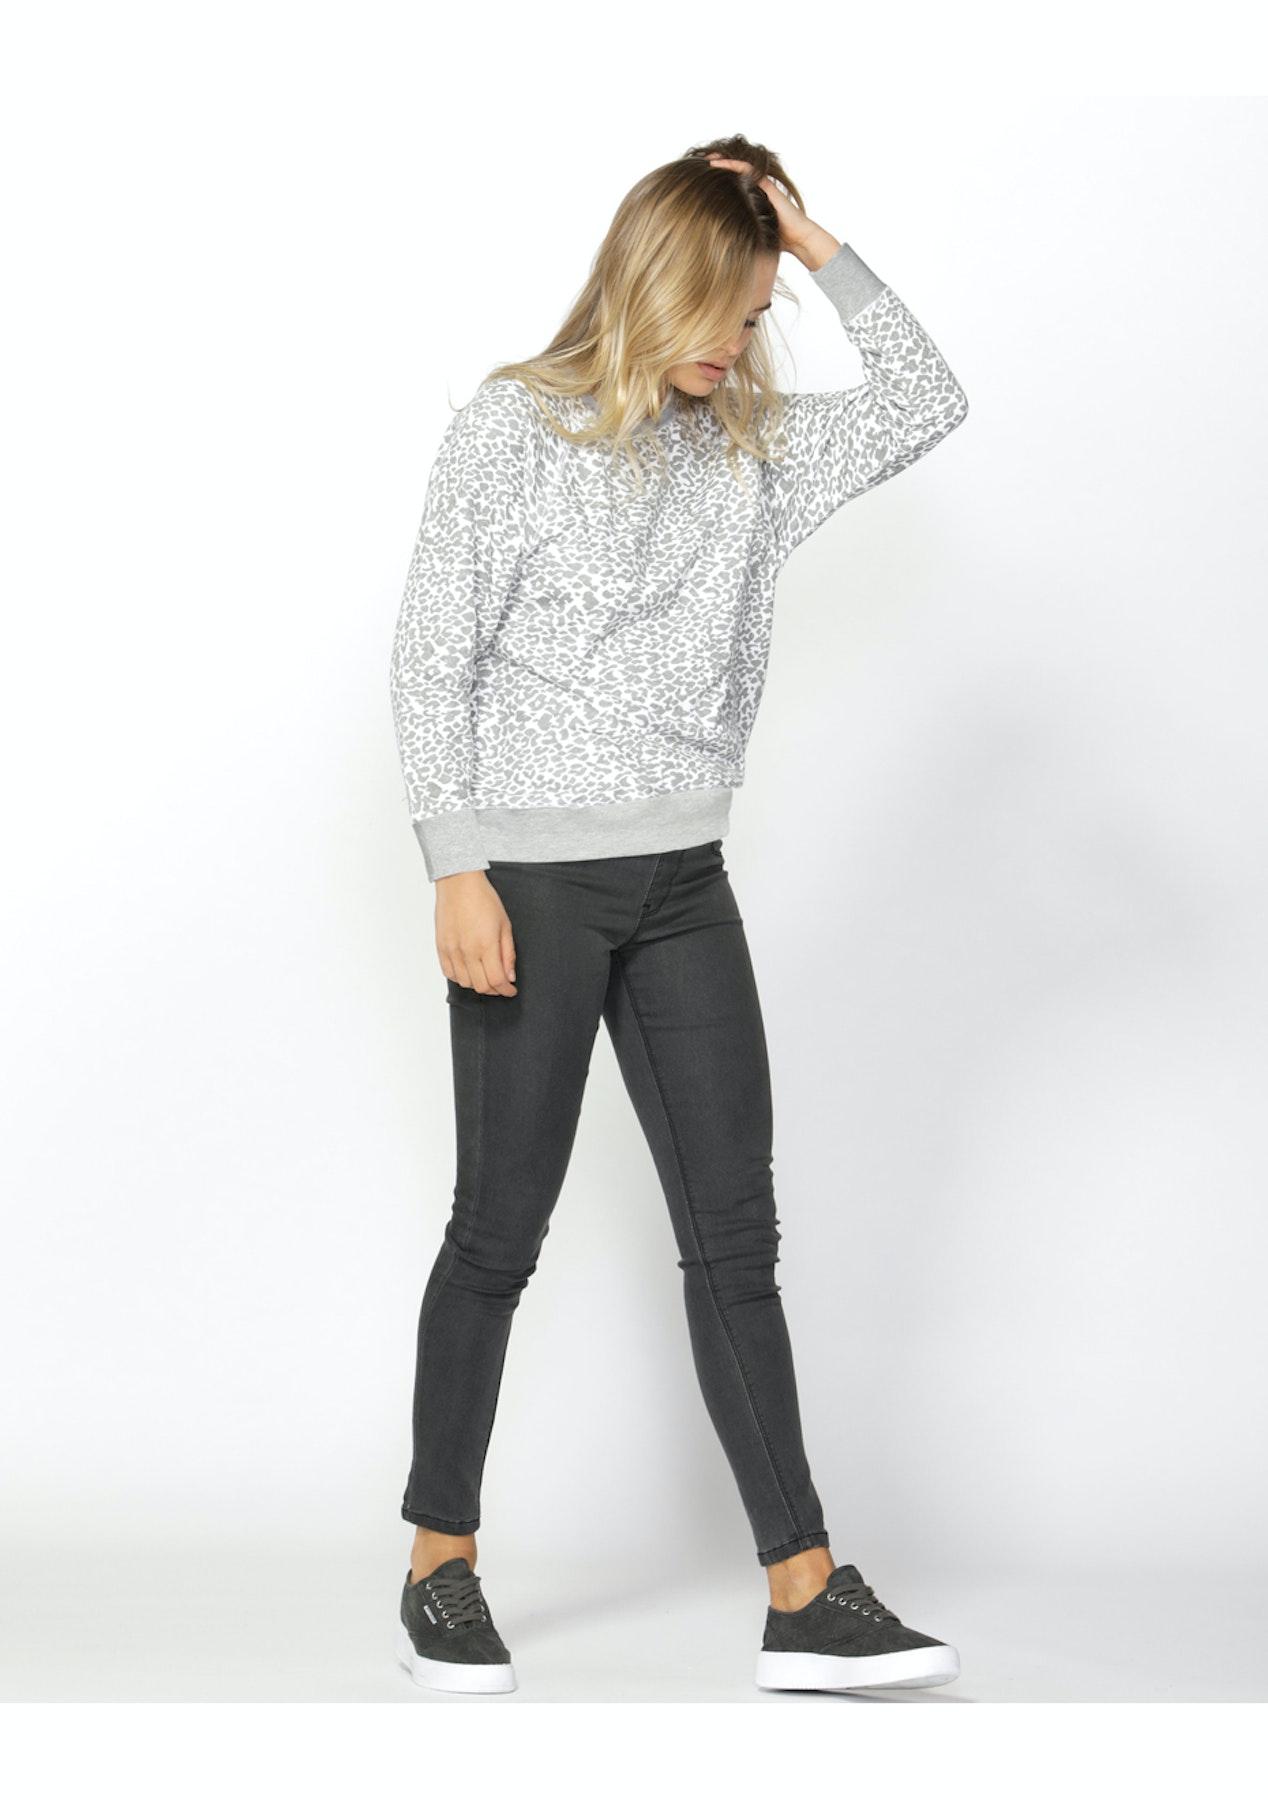 ff026c90d32d Betty Basics - Ryker Sweater - Leopard Print - Under $20 Sass, Fate & Betty  Basics - Onceit